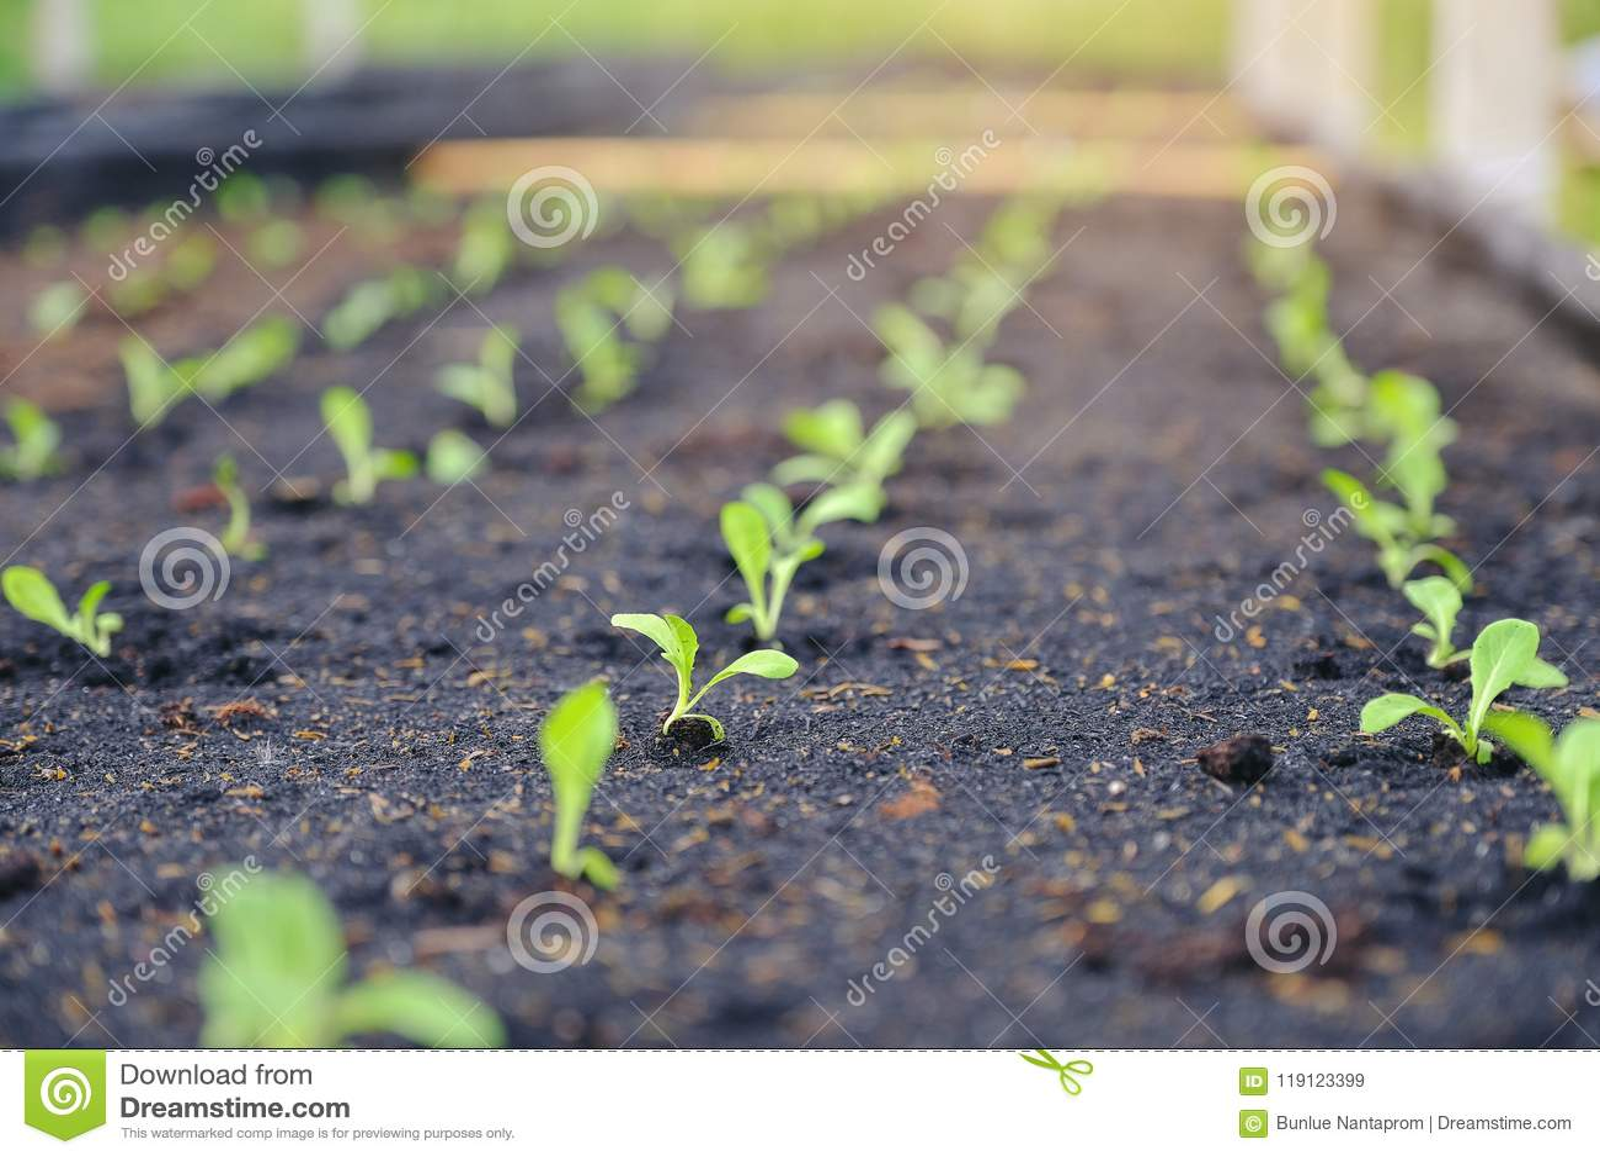 有选择性绿色幼木,小树苗特写镜头在庭院里